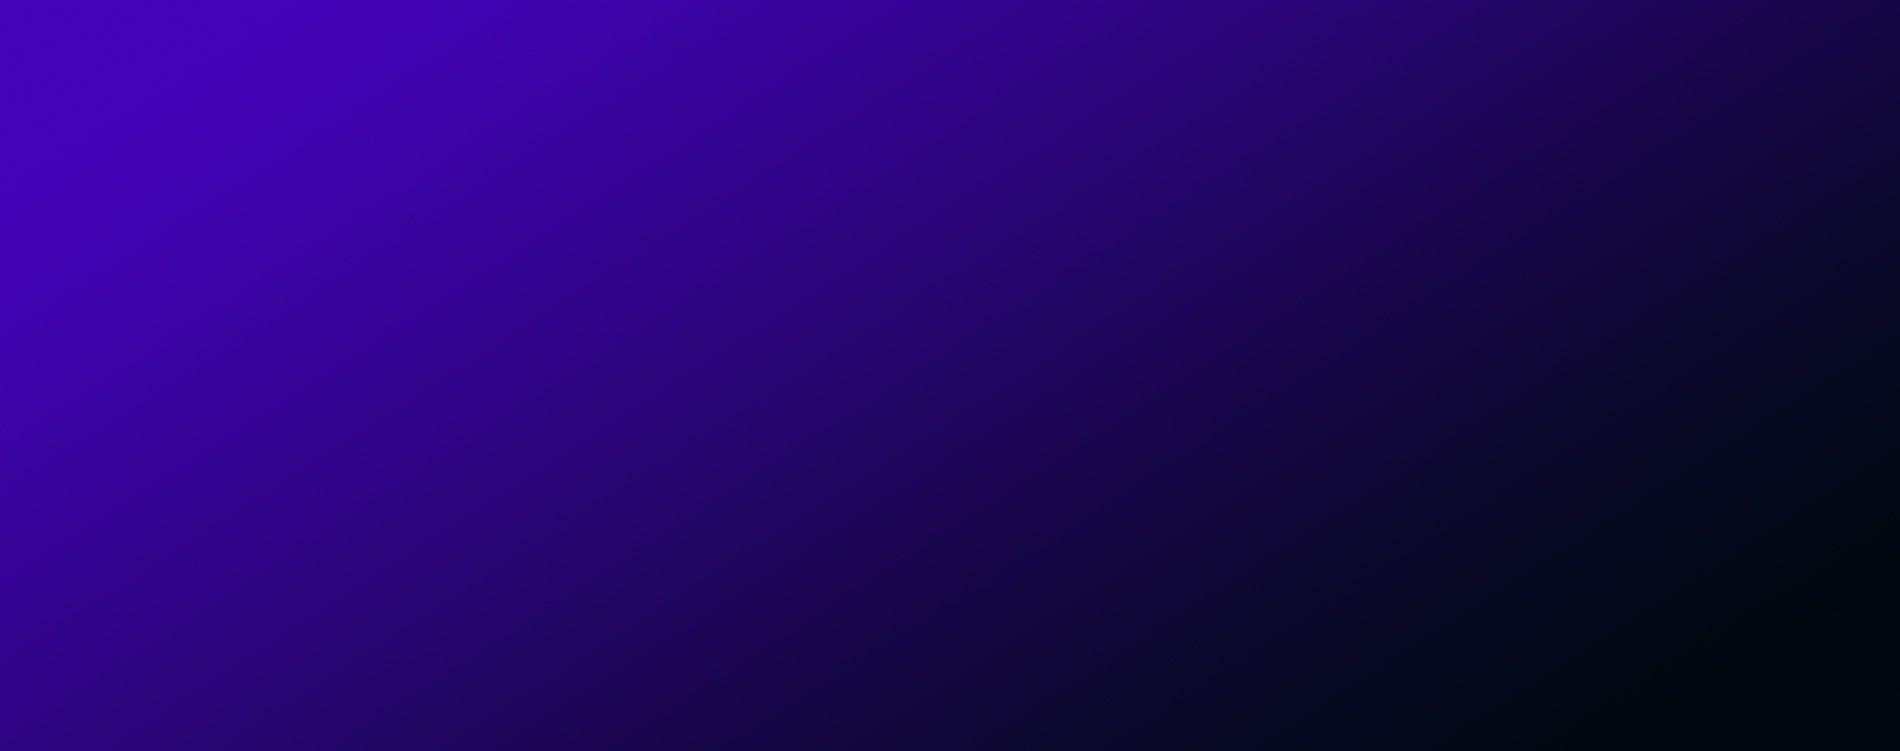 Blue/black background